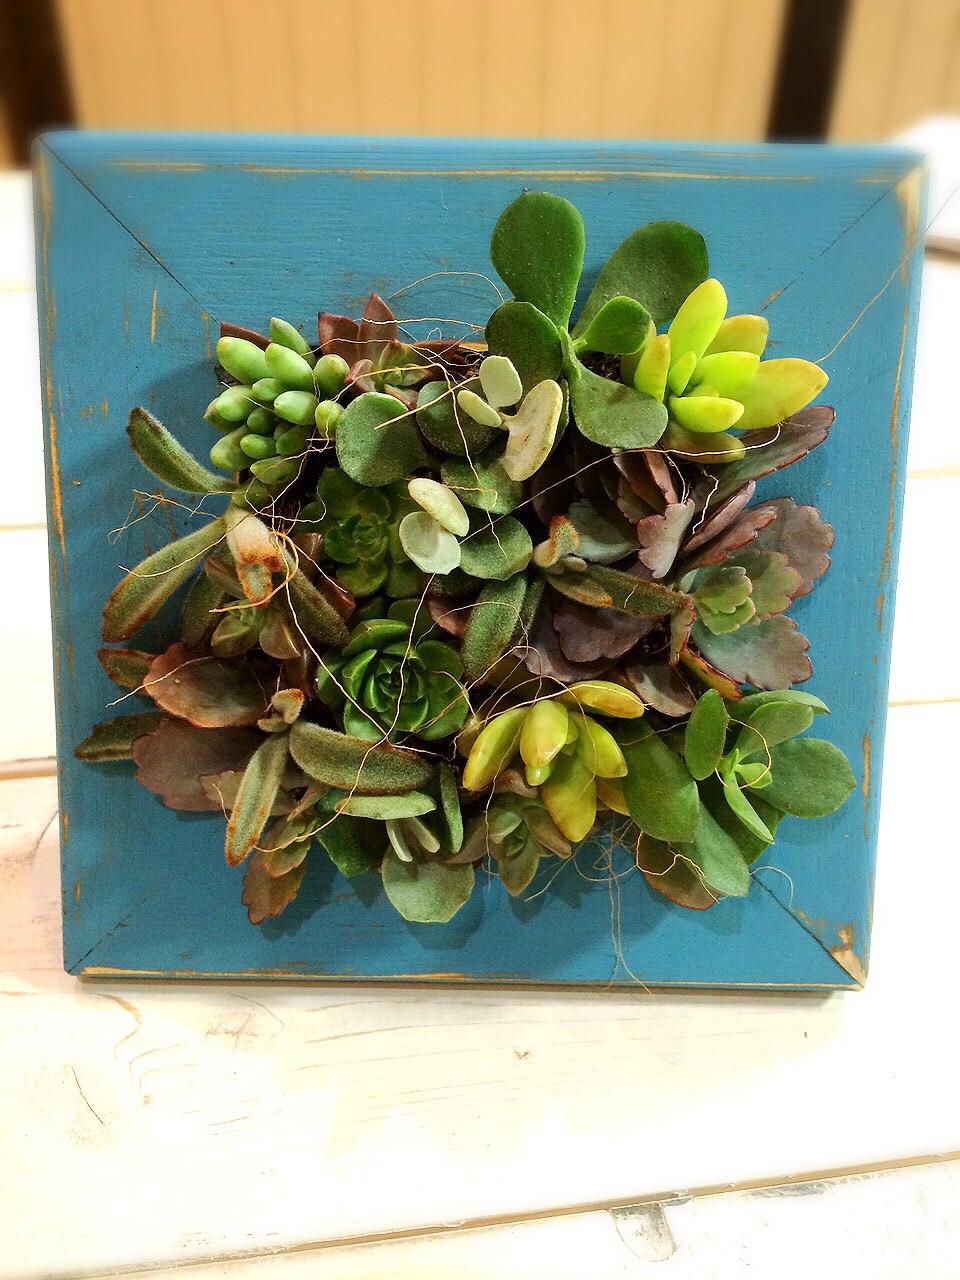 多肉植物を寄せ植えして世界にひとつのミニガーデンを作ろう!